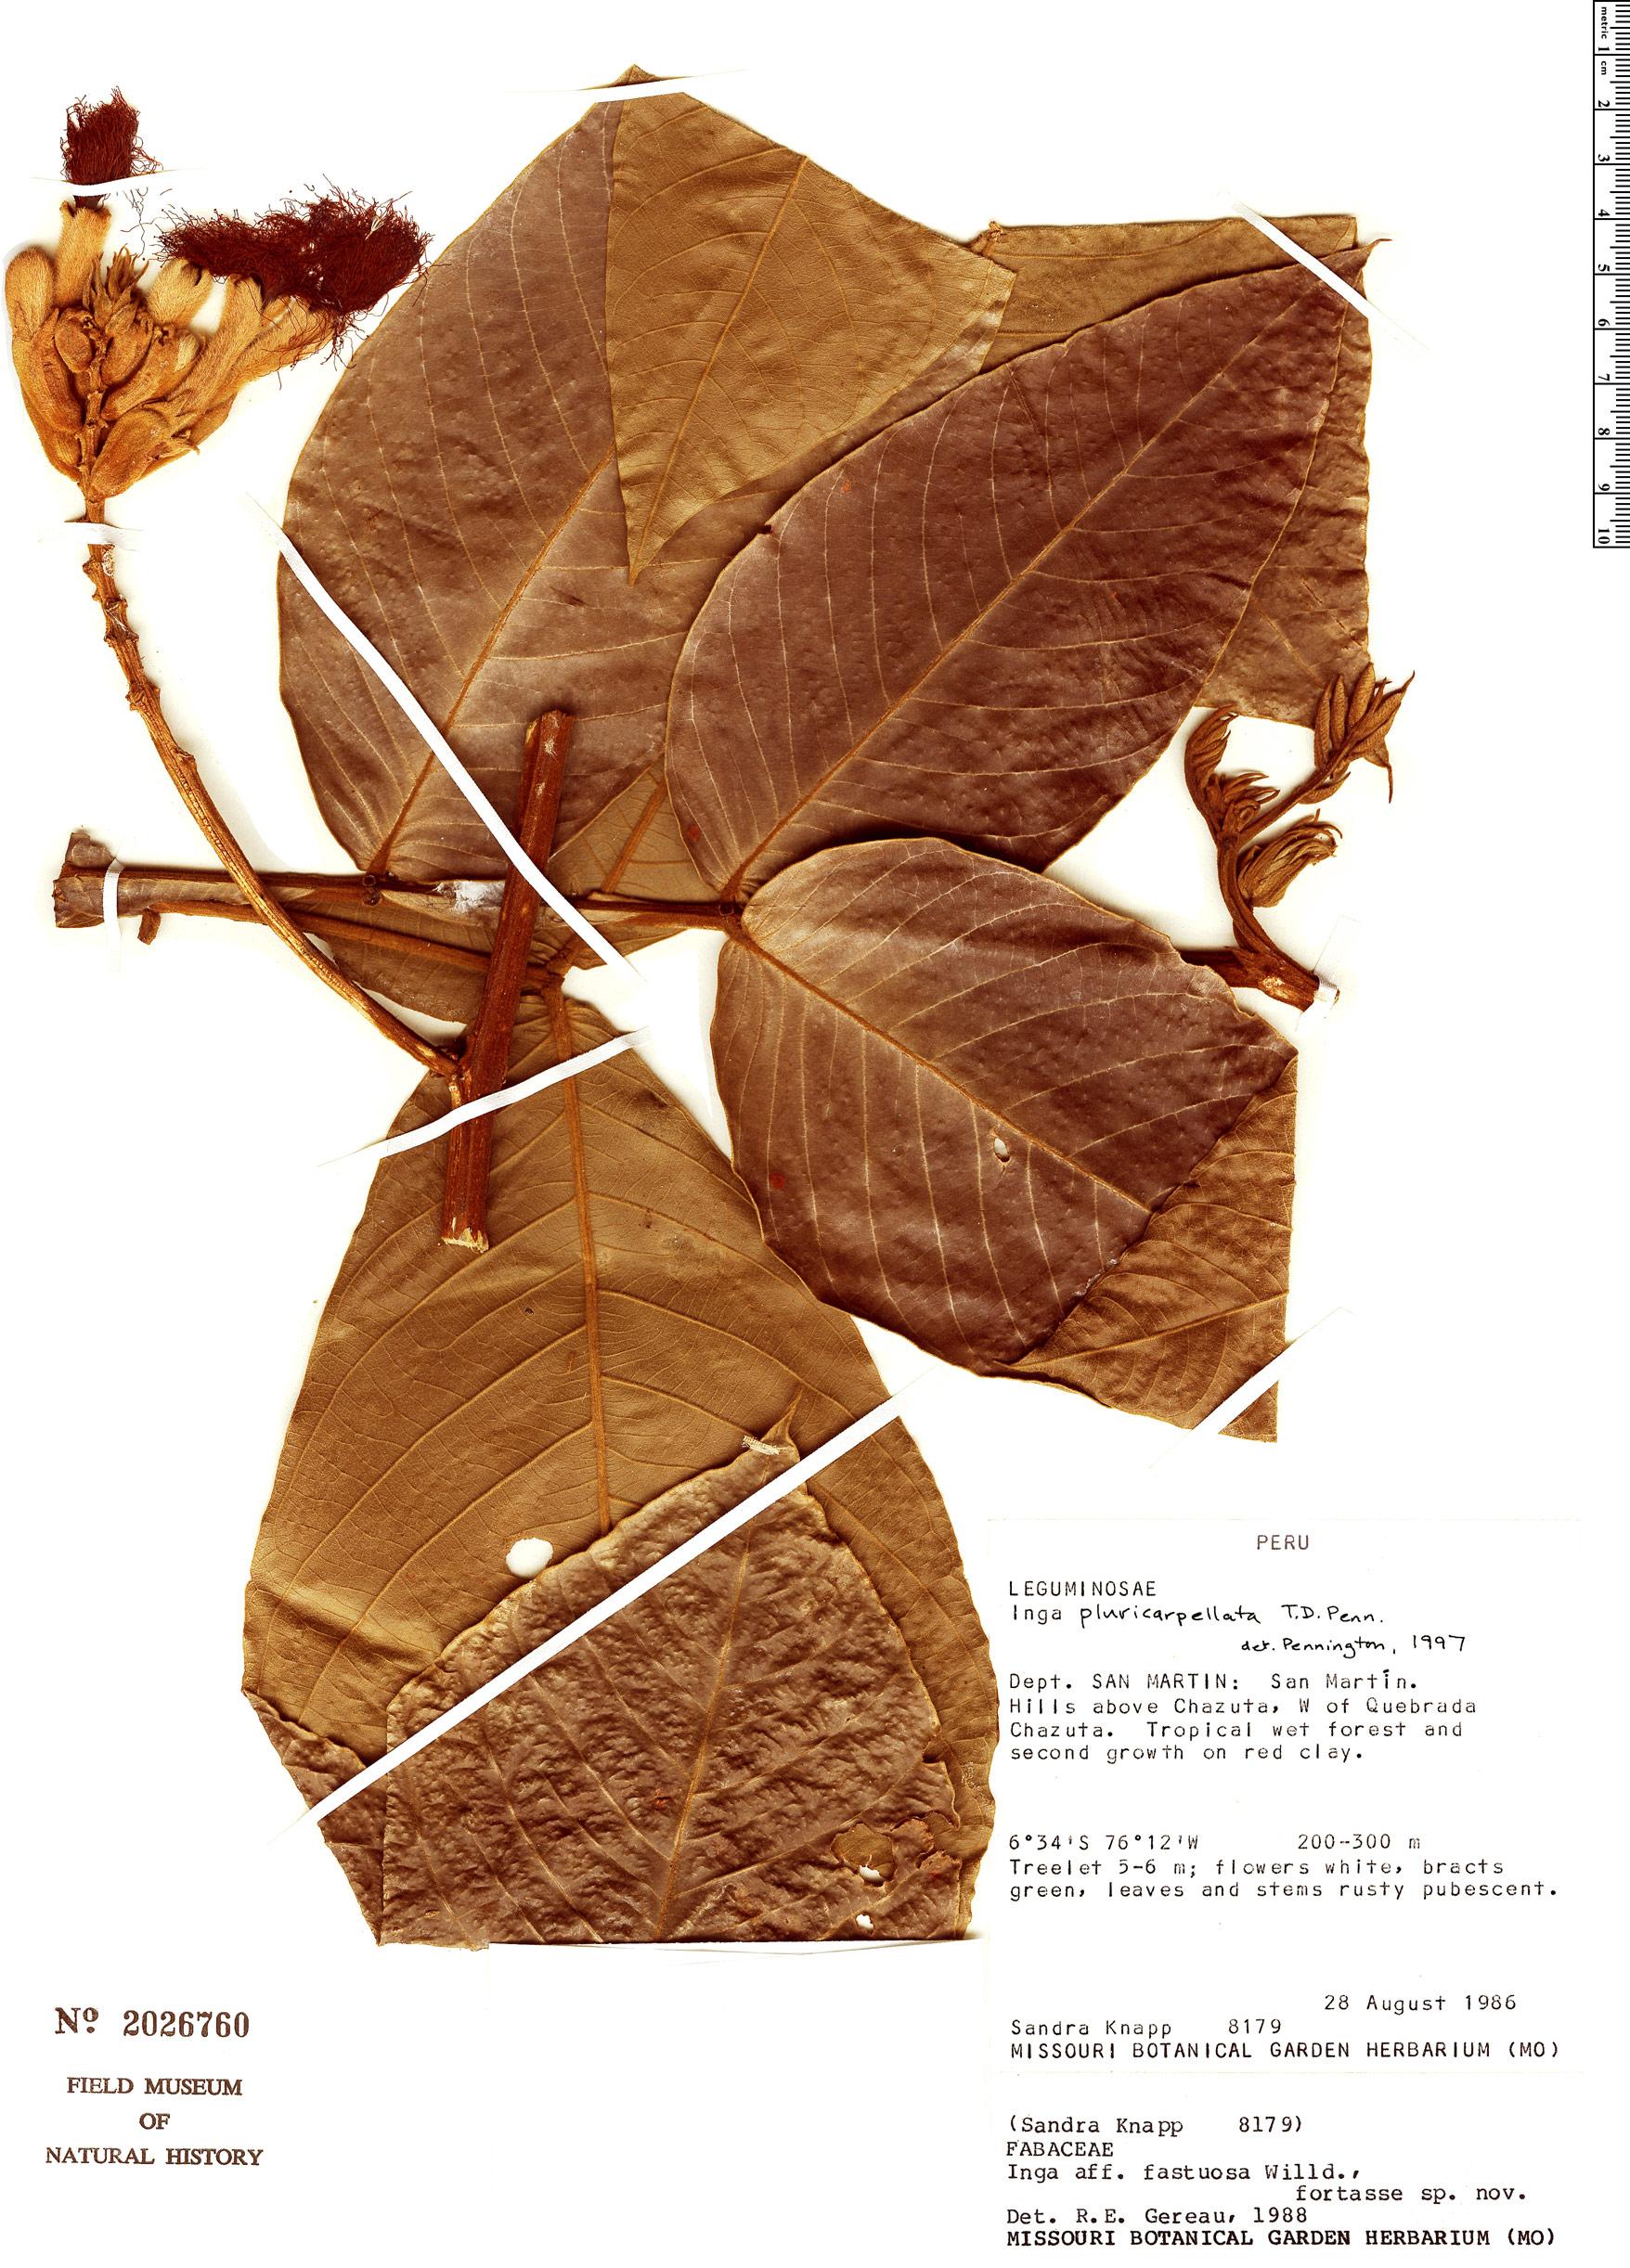 Specimen: Inga pluricarpellata